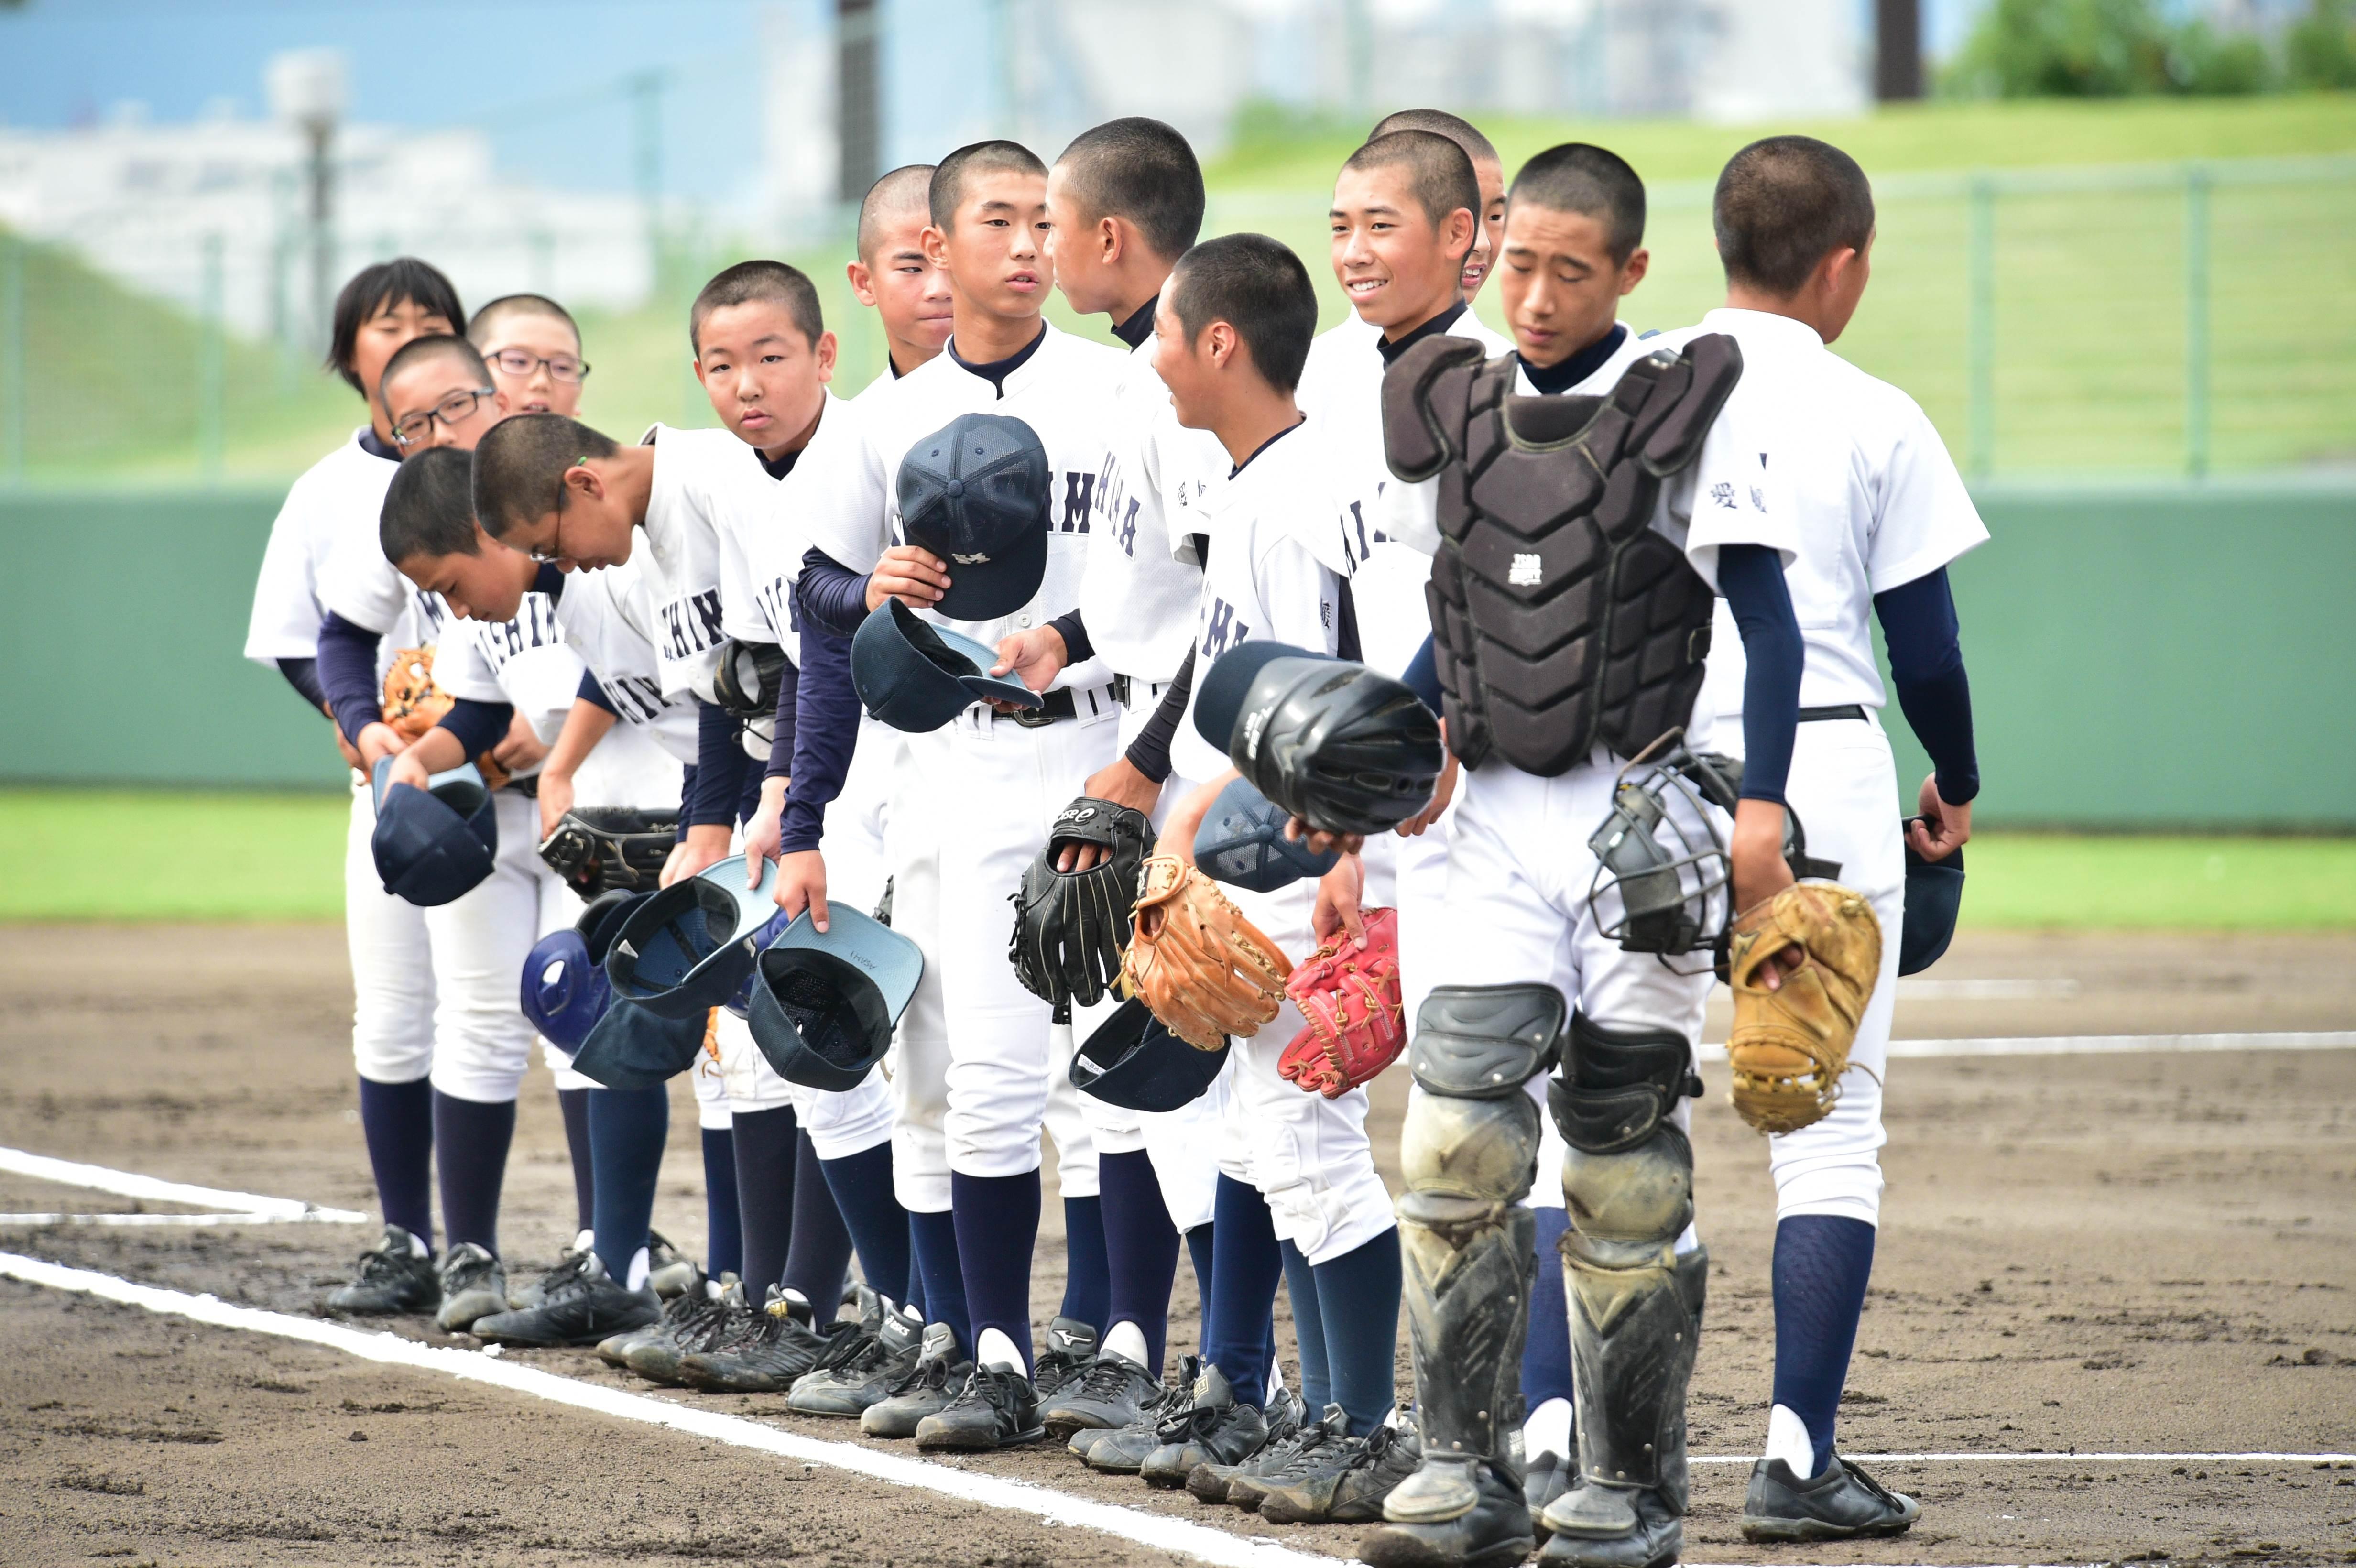 軟式野球 (6)